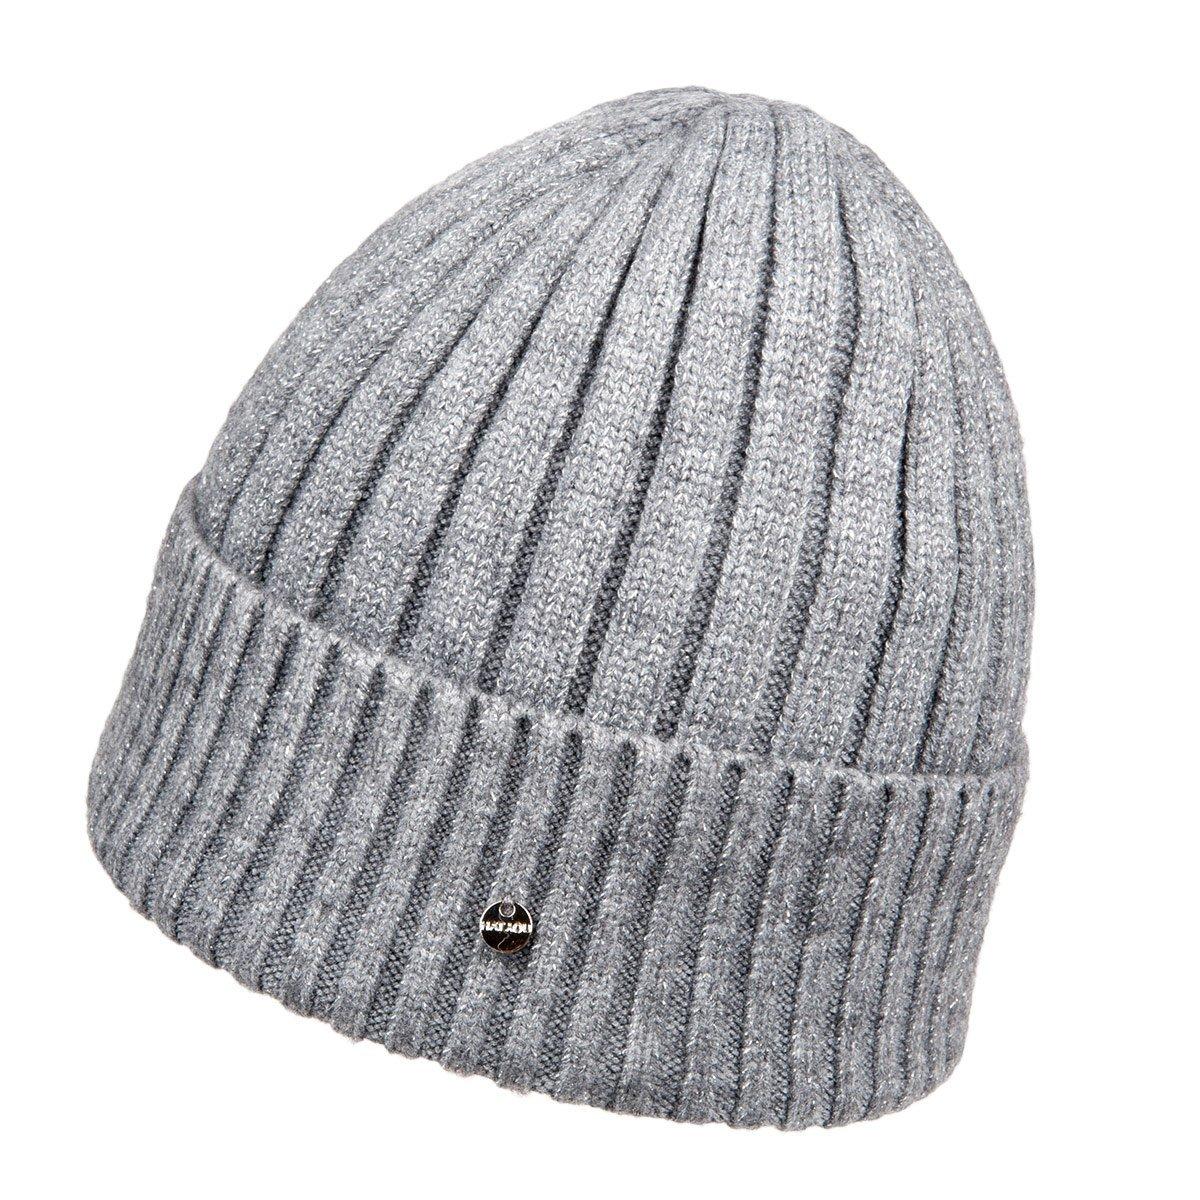 berretto cuffia con risvolto in lana maglia con lurex 4343d6b6c542